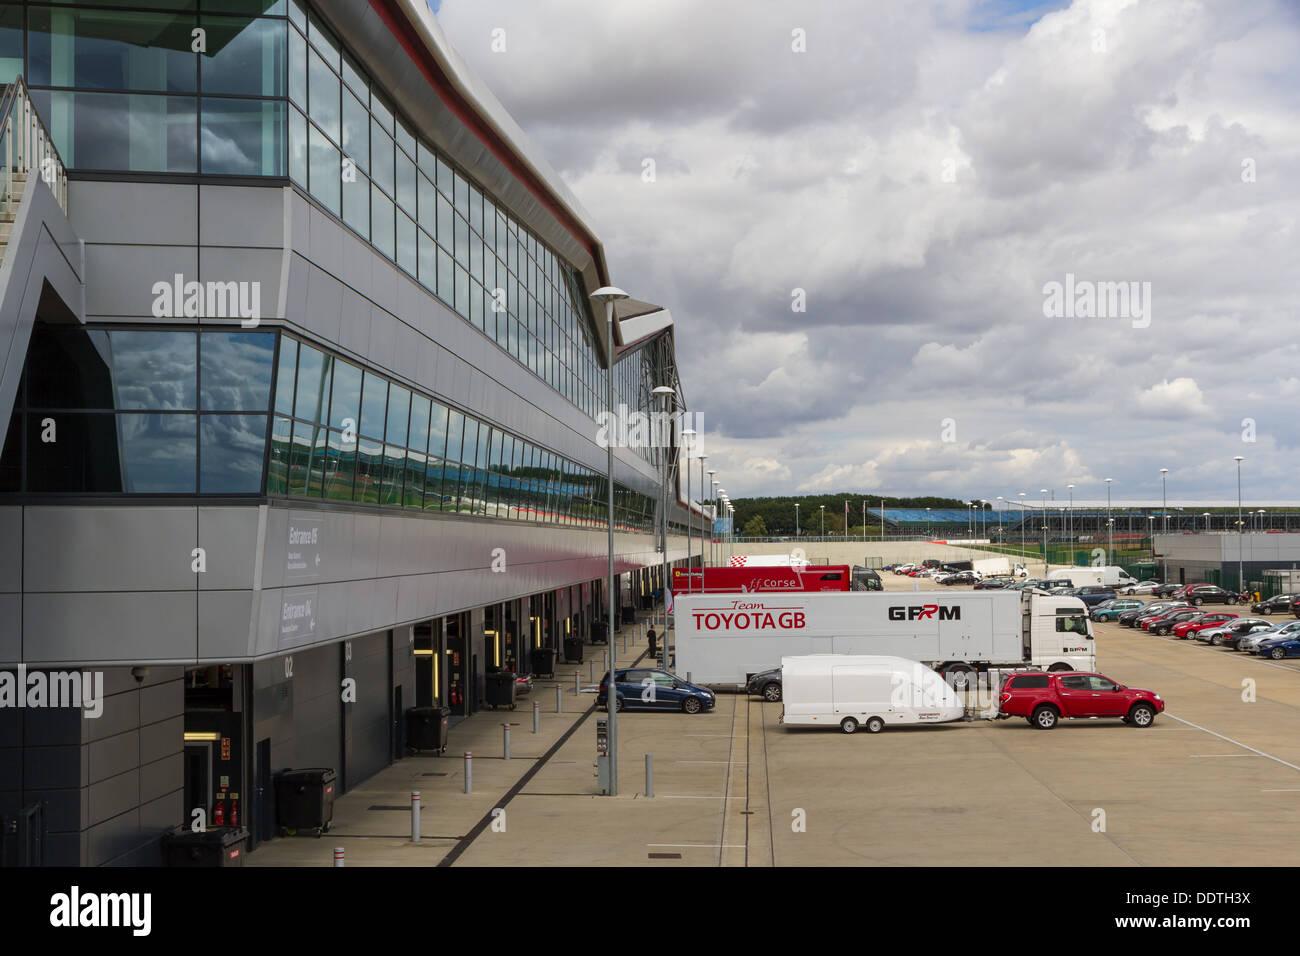 La parte posterior de la fosa de los garajes en el circuito de Silverstone, Northamptonshire. Imagen De Stock